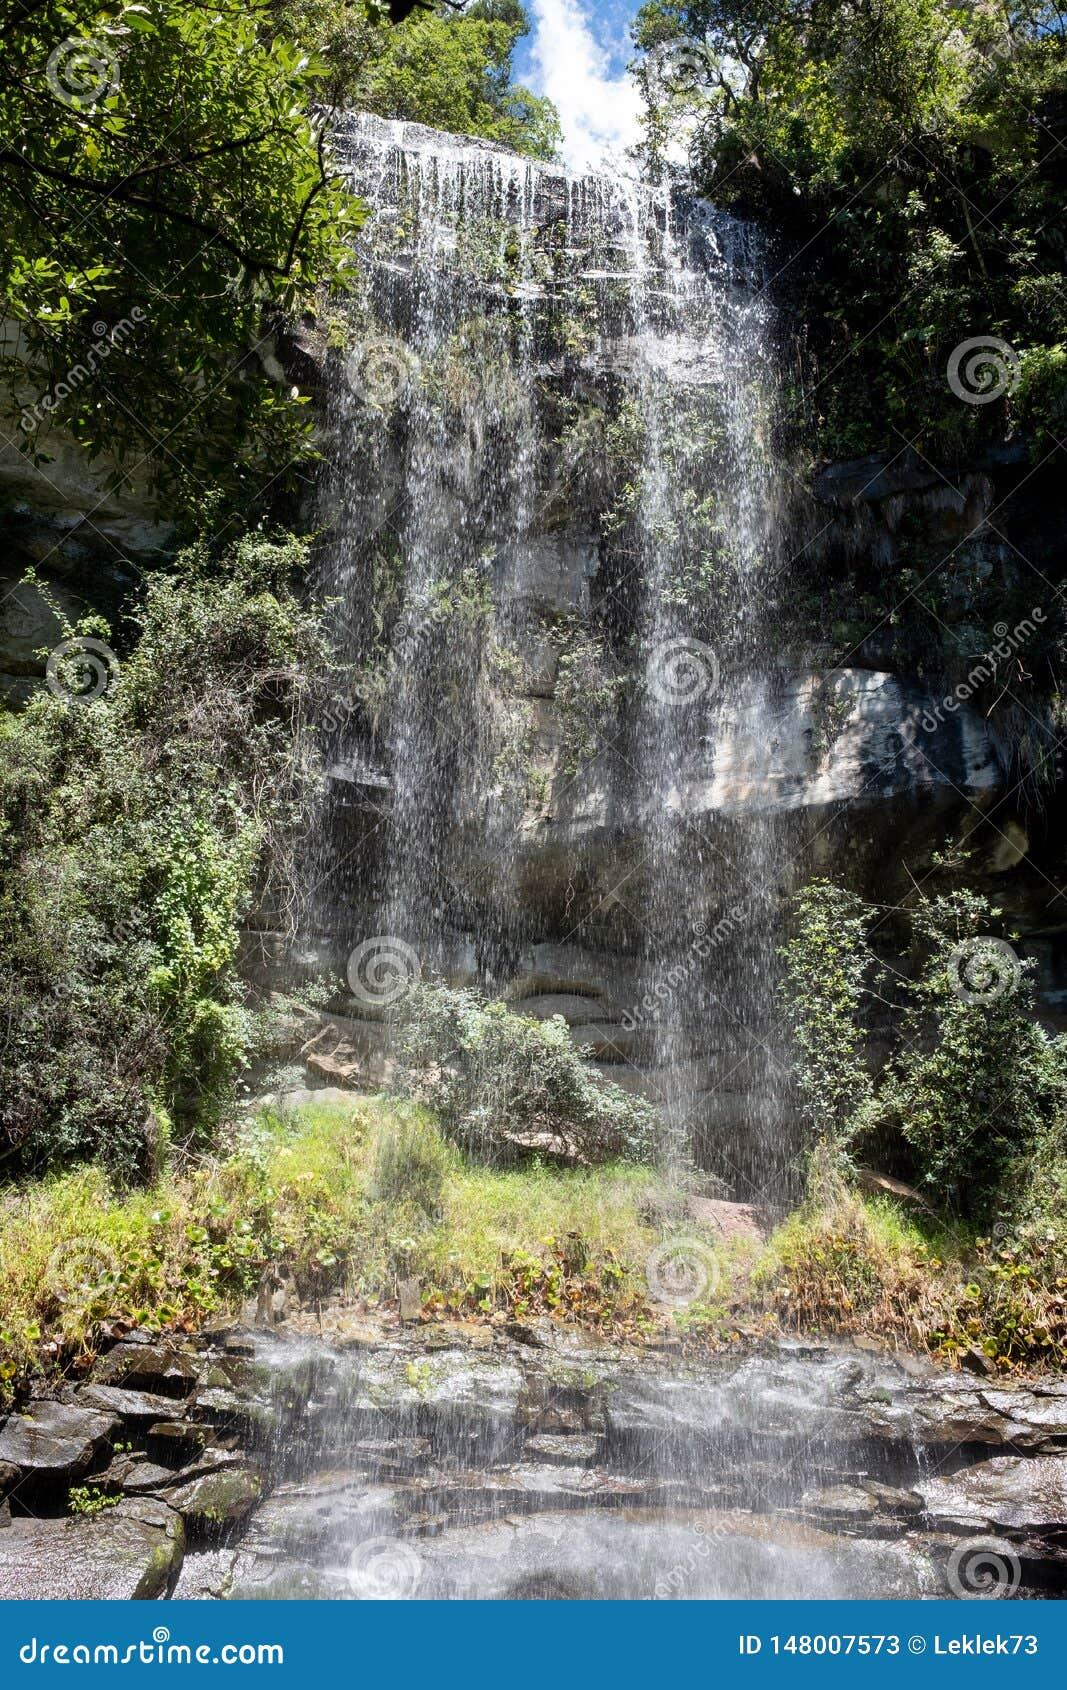 Cachoeira em Champagne Valley, fazendo parte da cordilheira central de Drakensberg, Kwazulu Natal, África do Sul